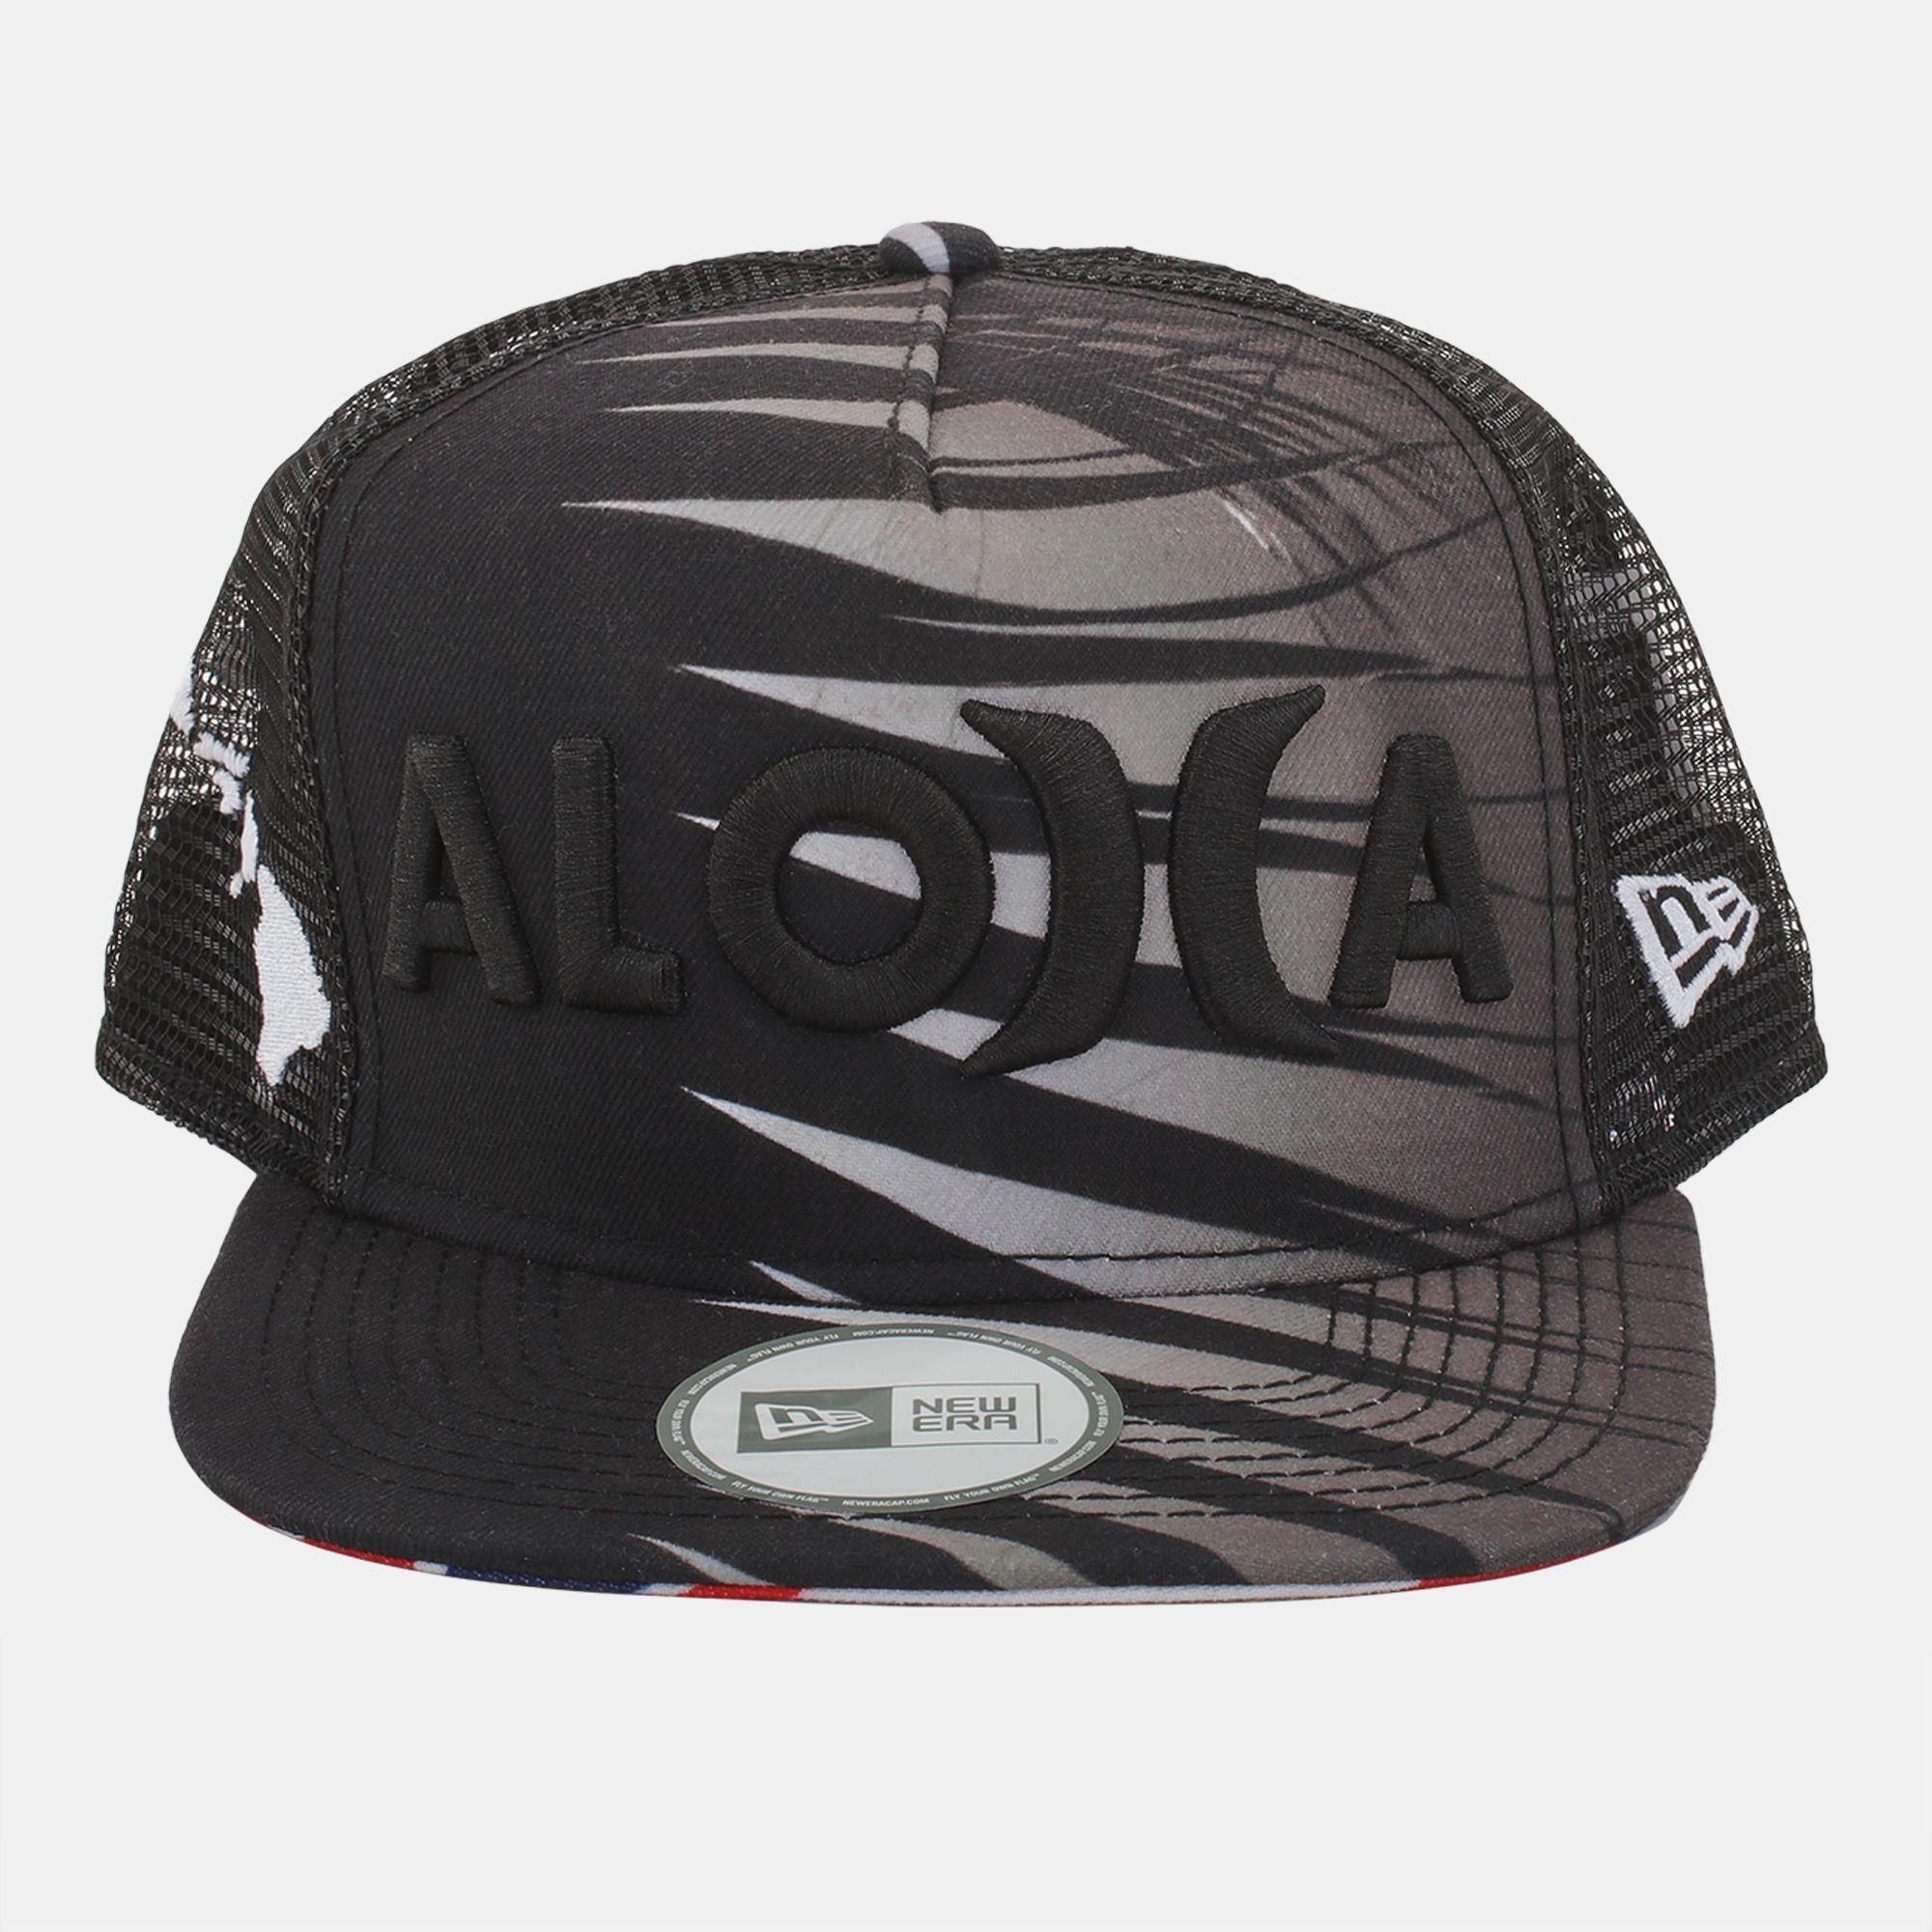 purchase cheap 6350e fc10a new zealand hurley caps snapbacks e2854 69c7f  spain hurley jjf ii aloha  adjustable hat black 7612f e33a5